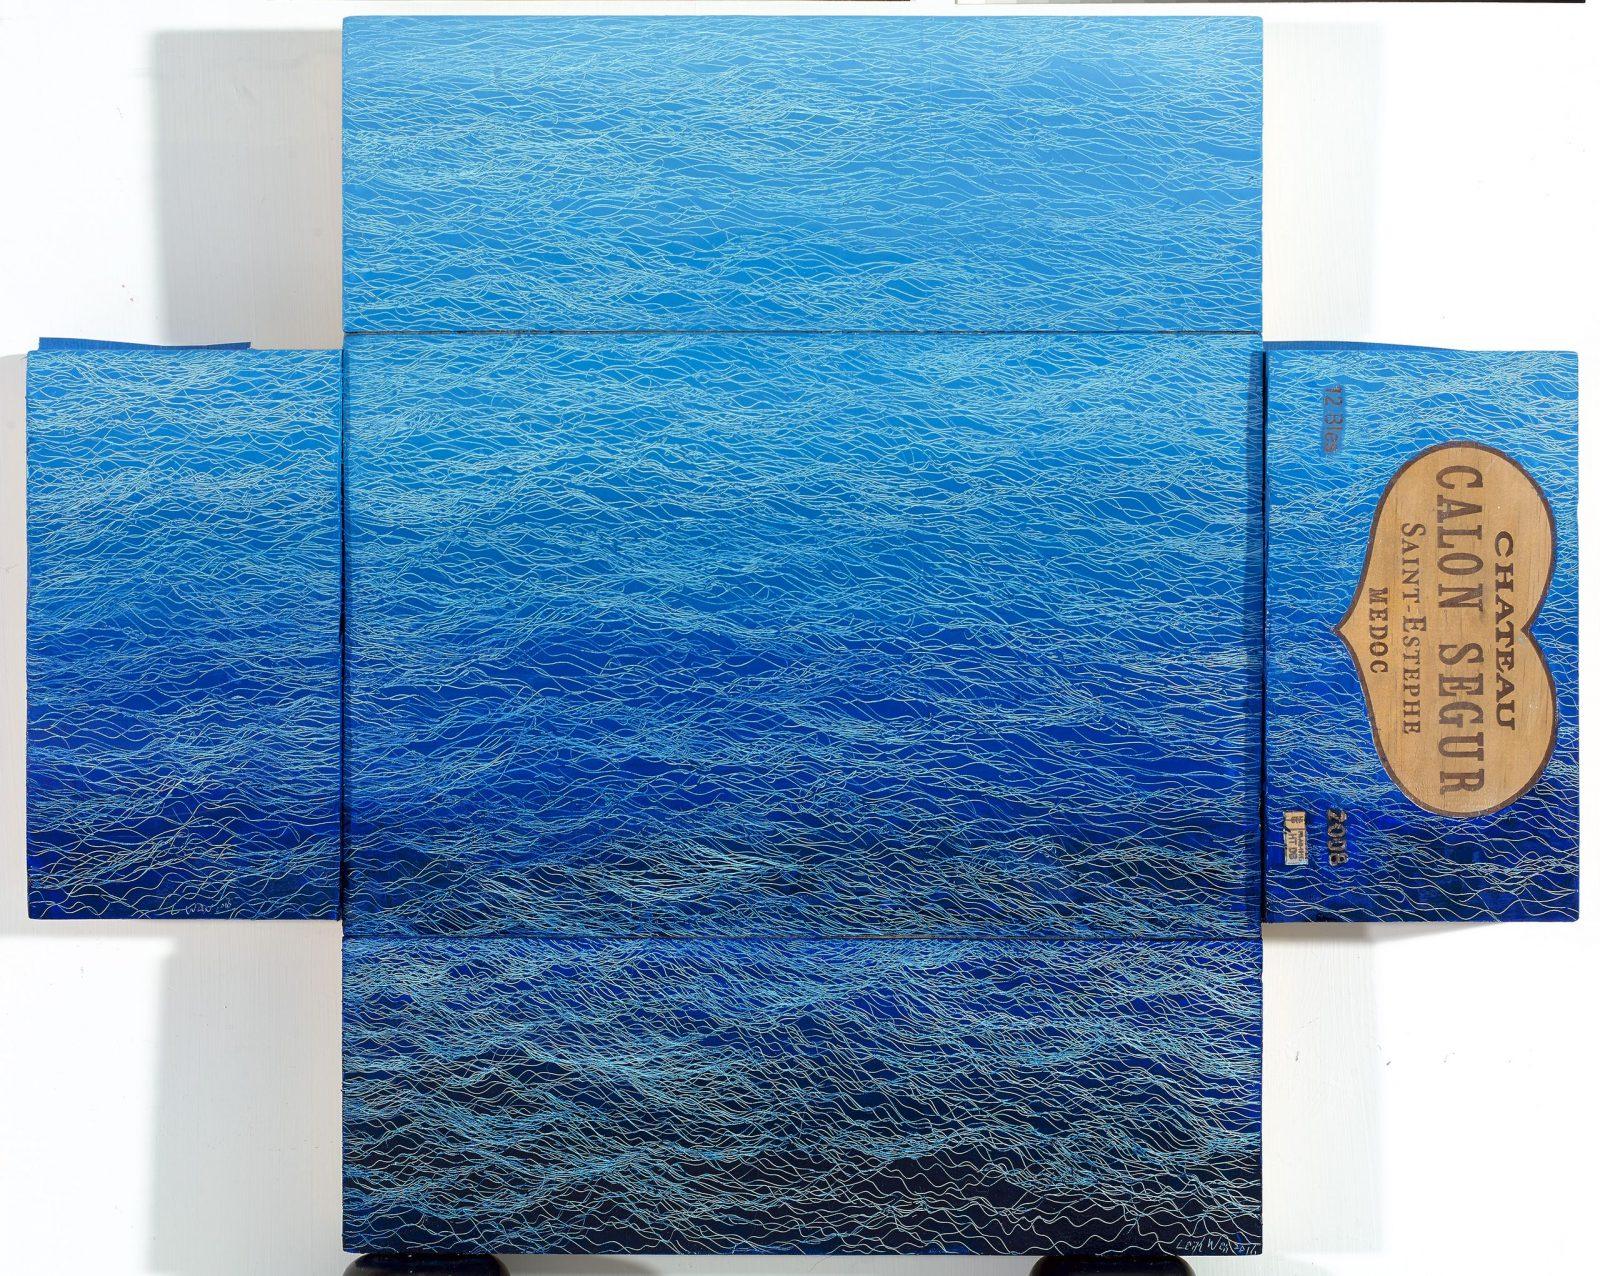 引徑-29, Side Track-29, 67 x 84 cm, mixed media, 2016